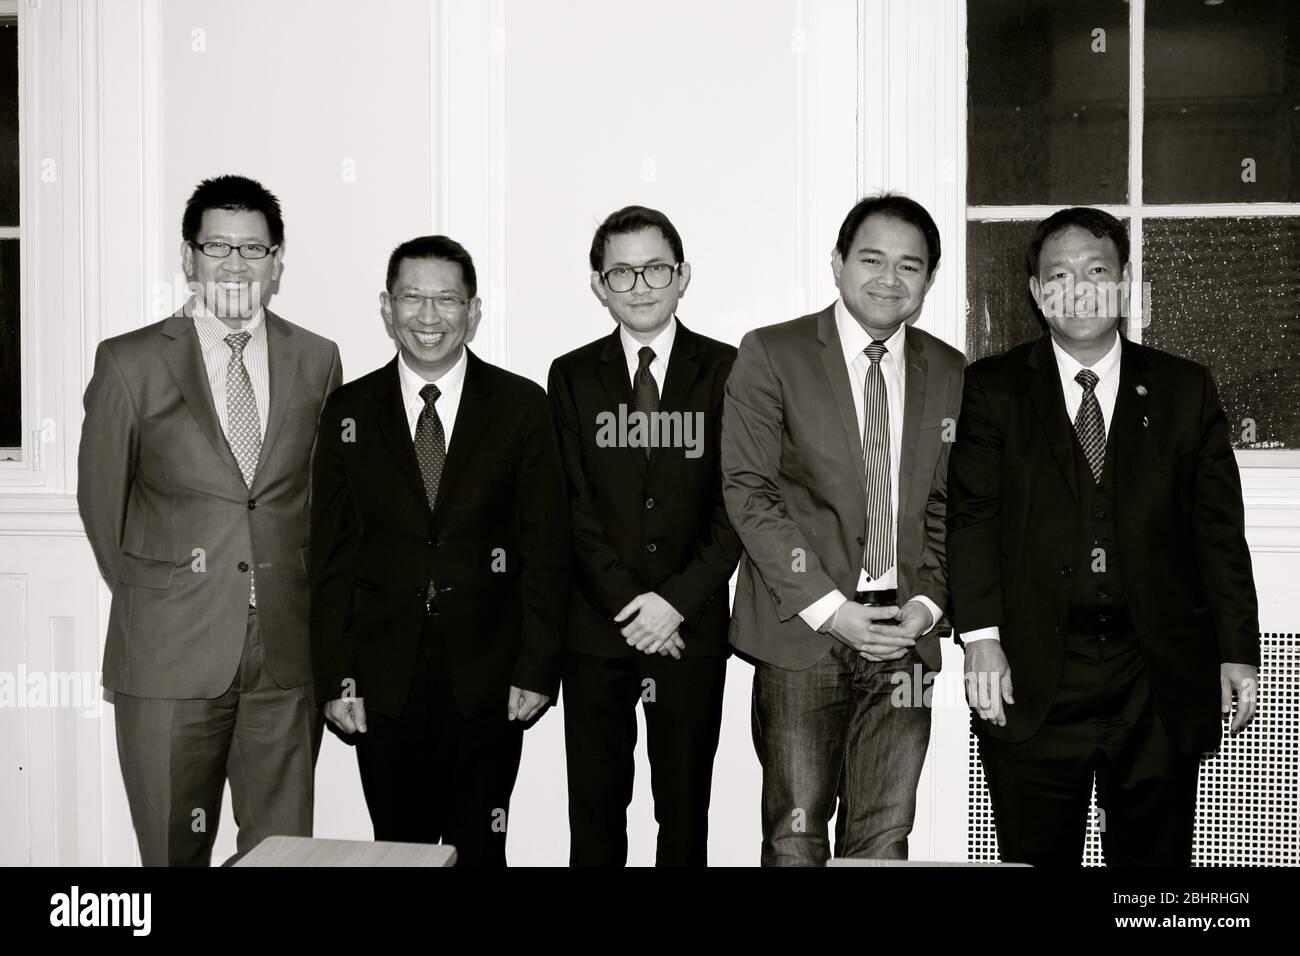 Im November 2012 . Ihre Exzellenz Frau Yingluck Shinawatra, Premierministerin des Königreichs Thailand, stattete dem Vereinigten Kigdom einen offiziellen Besuch ab. Eingeladen von Premierminister David Cameron. Der thailändische Premierminister wurde von wichtigen Mitgliedern des thailändischen Kabinetts begleitet. Am 13. November hatte der thailändische Premierminister eine Audienz mit der Königin. Am 14. November tauschten sich die beiden PM zu verschiedenen Fragen von gemeinsamem Interesse aus, bilateral, regional und global. Zum Ende dieses Treffens haben beide Staats- und Regierungschefs auf die Einrichtung eines strategischen Dialogs und einen neuen Mechanismus zugunsten beider Länder vereinbart. Stockfoto